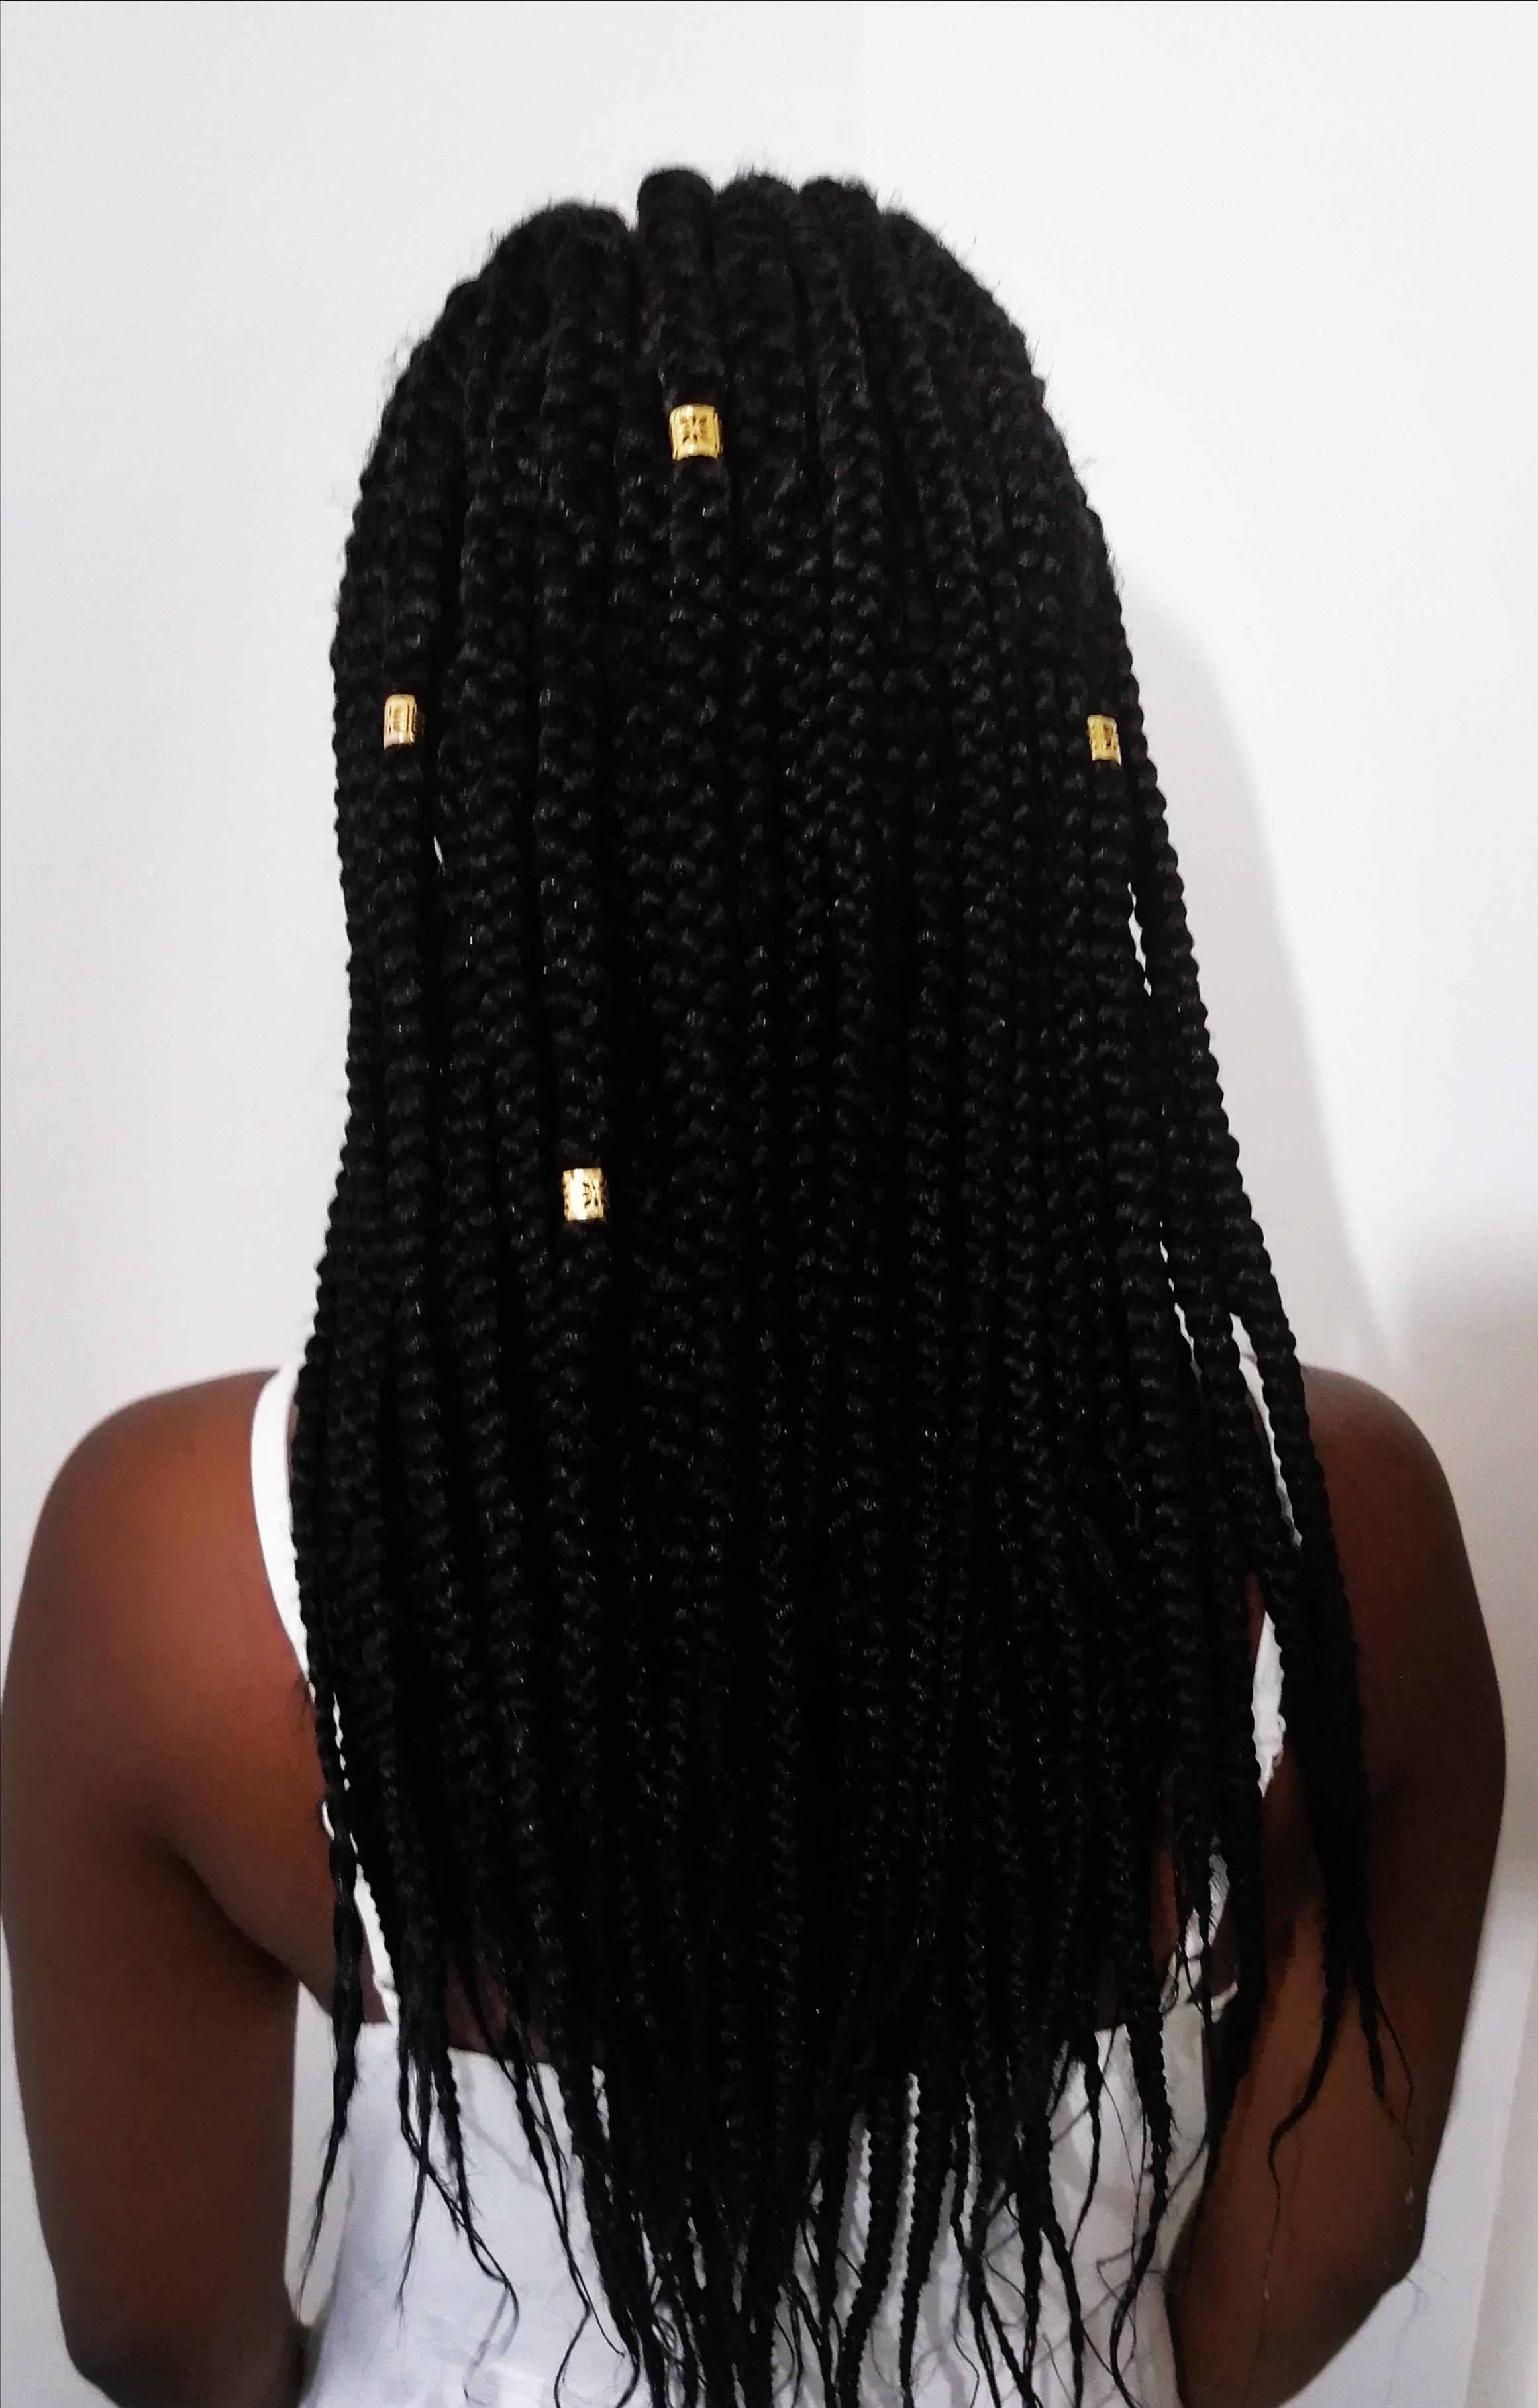 salon de coiffure afro tresse tresses box braids crochet braids vanilles tissages paris 75 77 78 91 92 93 94 95 DGXOFTBR